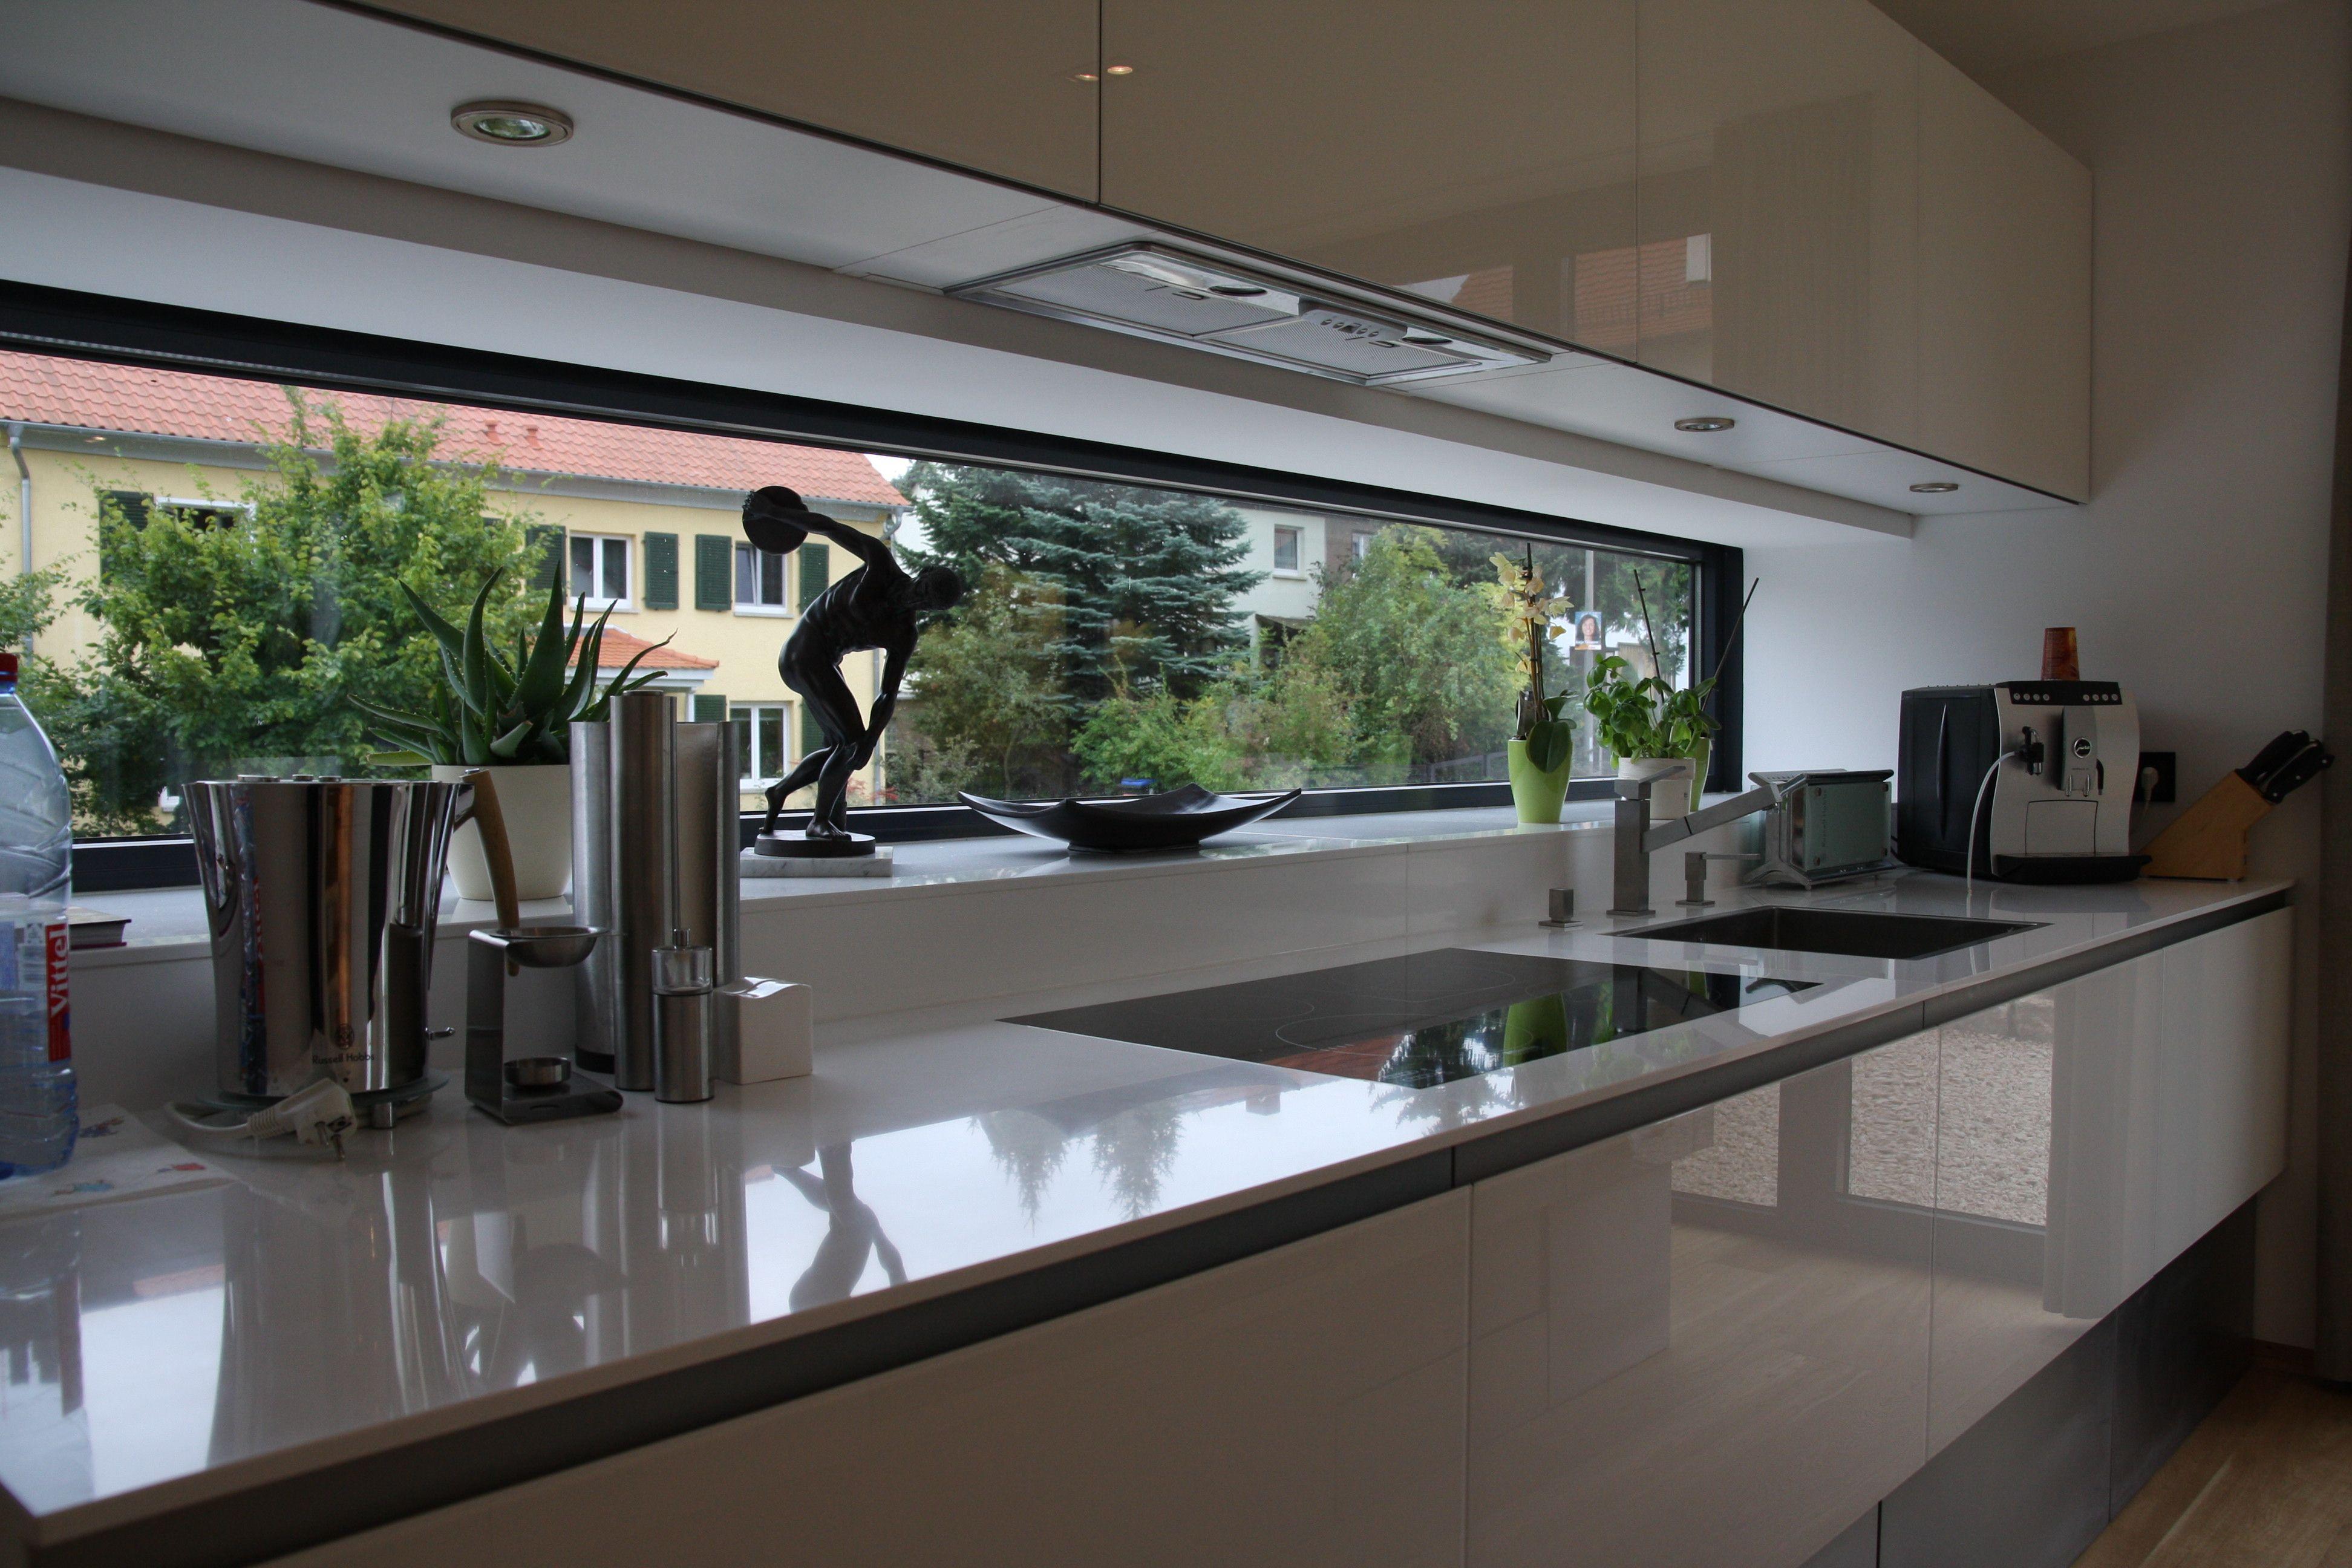 Traumhaus inneneinrichtung  Küche im Erdgeschoss | Inneneinrichtung | Pinterest | Erdgeschoss ...